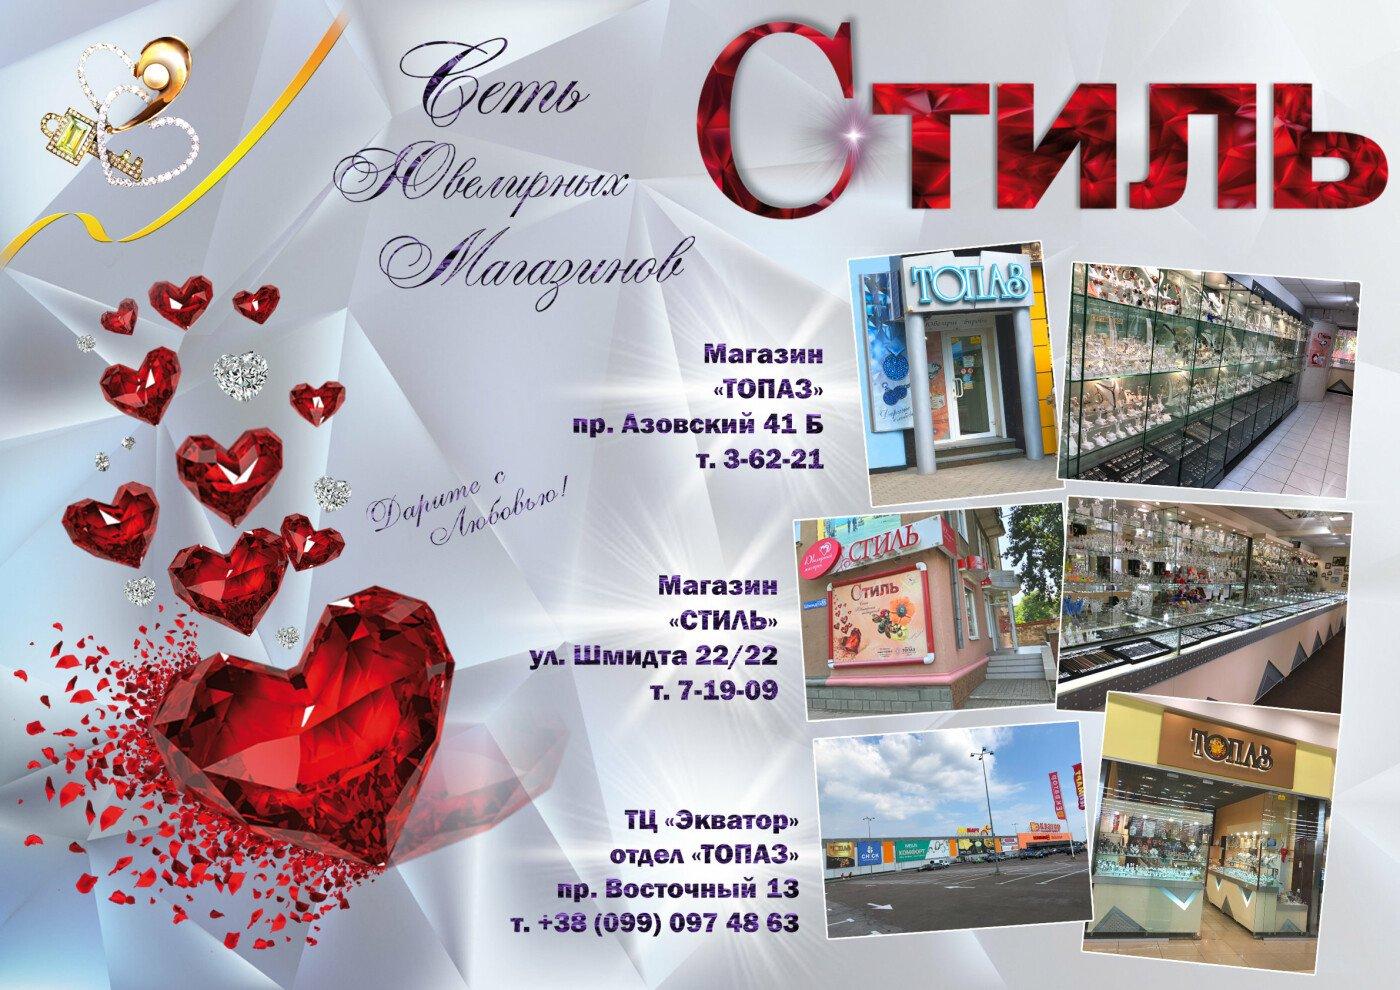 Подборка подарков на 8 марта от сайта 06153.сom.ua, фото-141